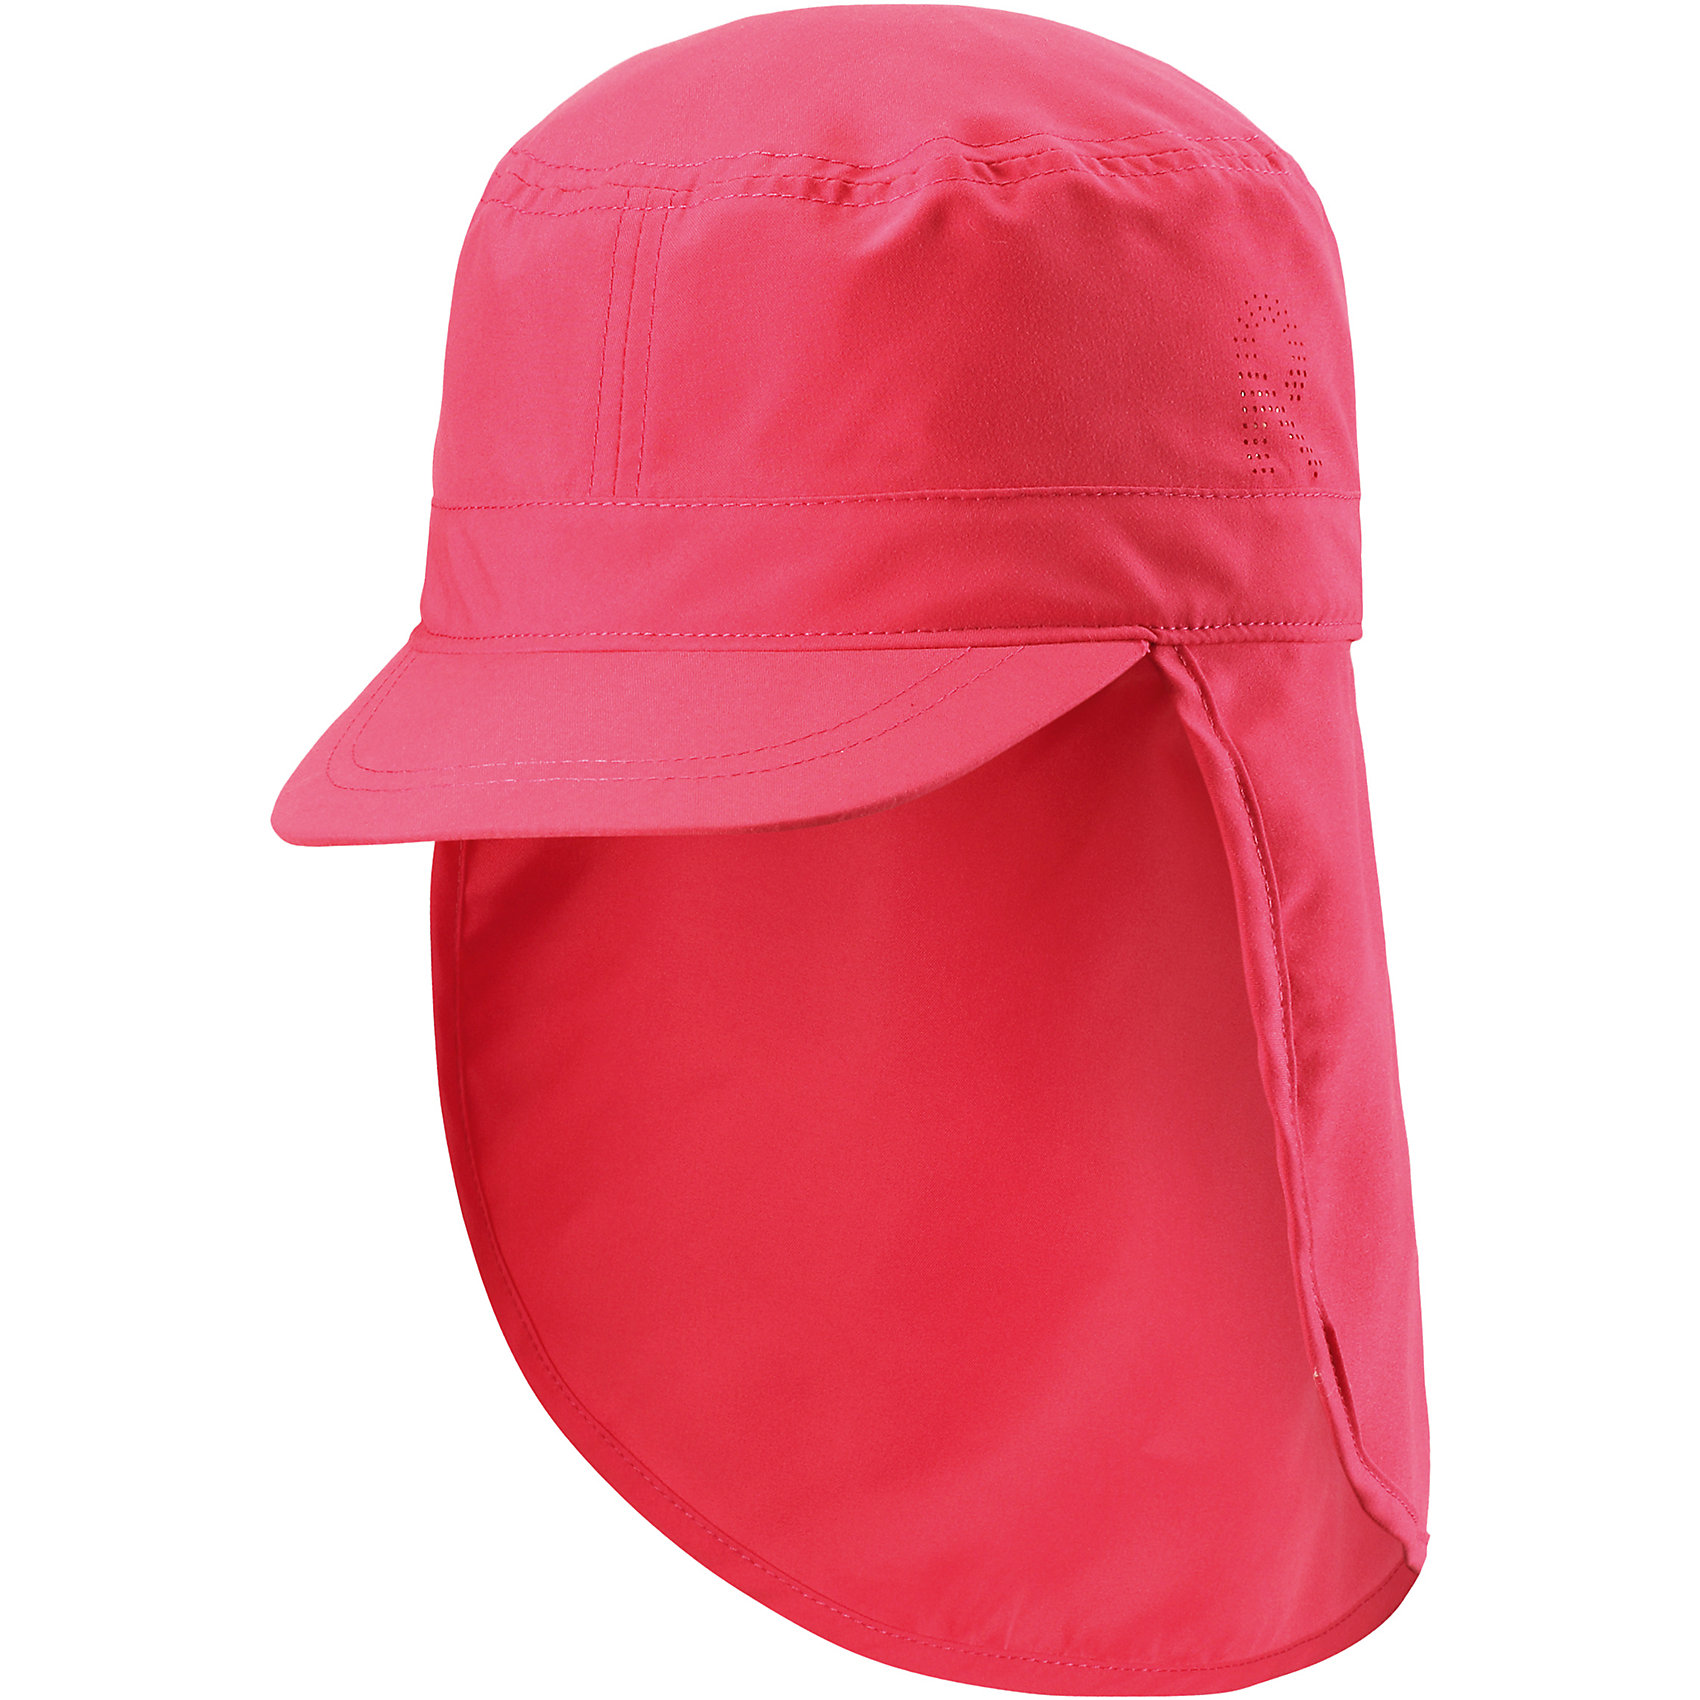 Панама для девочки ReimaХарактеристики товара:<br><br>• цвет: розовый<br>• состав: 100% полиэстер<br>• защитный козырек<br>• без подкладки<br>• удлиненная сзади<br>• декоративный логотип<br>• фактор защиты от ультрафиолета: 50+<br>• комфортная посадка<br>• страна производства: Китай<br>• страна бренда: Финляндия<br>• коллекция: весна-лето 2017<br><br>Детский головной убор может быть модным и удобным одновременно! Стильная панама поможет обеспечить ребенку комфорт и дополнить наряд. Она отлично смотрится с различной одеждой. Панама удобно сидит и аккуратно выглядит. Проста в уходе, долго служит. Стильный дизайн разрабатывался специально для детей. Отличная защита от солнца!<br><br>Одежда и обувь от финского бренда Reima пользуется популярностью во многих странах. Эти изделия стильные, качественные и удобные. Для производства продукции используются только безопасные, проверенные материалы и фурнитура. Порадуйте ребенка модными и красивыми вещами от Reima! <br><br>Панаму для мальчика от финского бренда Reima (Рейма) можно купить в нашем интернет-магазине.<br><br>Ширина мм: 89<br>Глубина мм: 117<br>Высота мм: 44<br>Вес г: 155<br>Цвет: розовый<br>Возраст от месяцев: 9<br>Возраст до месяцев: 18<br>Пол: Женский<br>Возраст: Детский<br>Размер: 48,56,54,52,50<br>SKU: 5267760